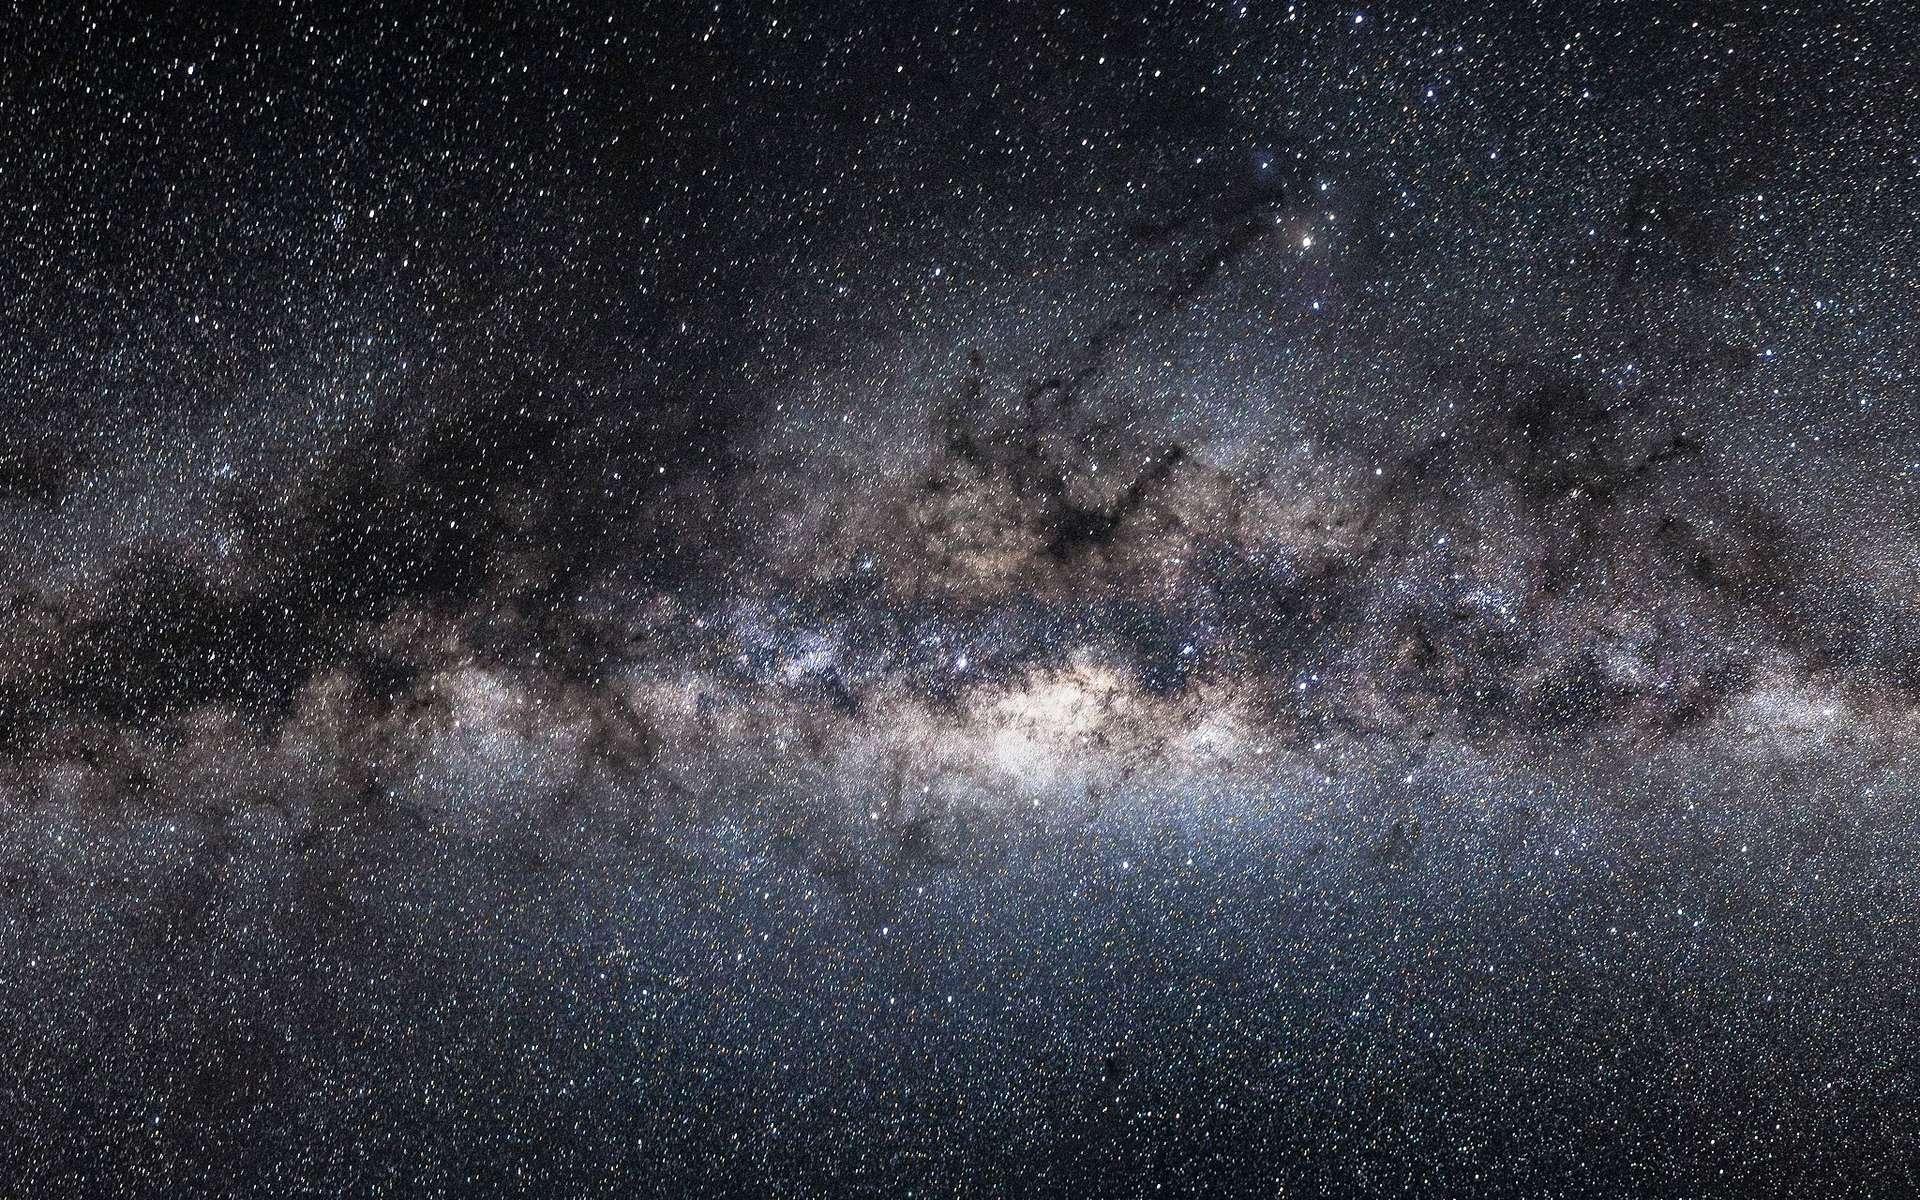 Une vue du bulbe galactique au centre de la Voie lactée. Il abrite de très vieilles étoiles, âgées de plus de dix milliards d'années. Cette photographie a été prise de l'Observatoire du Paranal, dans le désert d'Atacama, au Chili. © John Colosimo, Eso